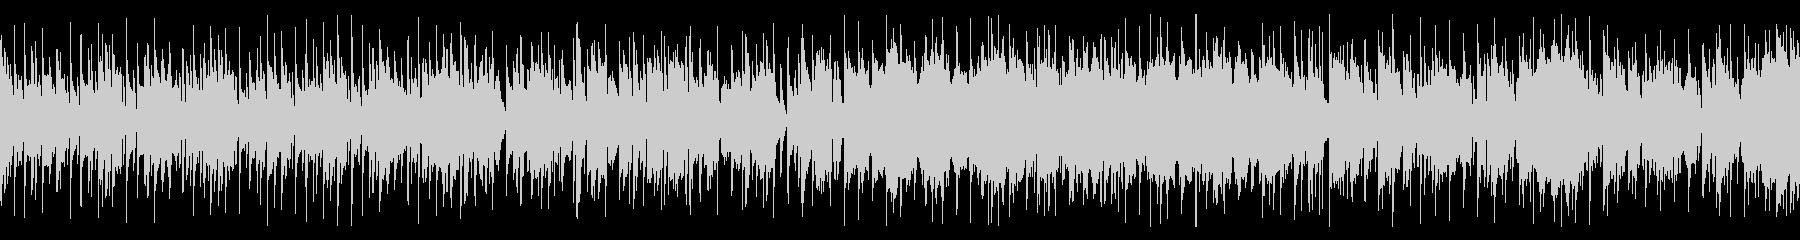 ピアノトリオ+サックスのフュージョンの未再生の波形